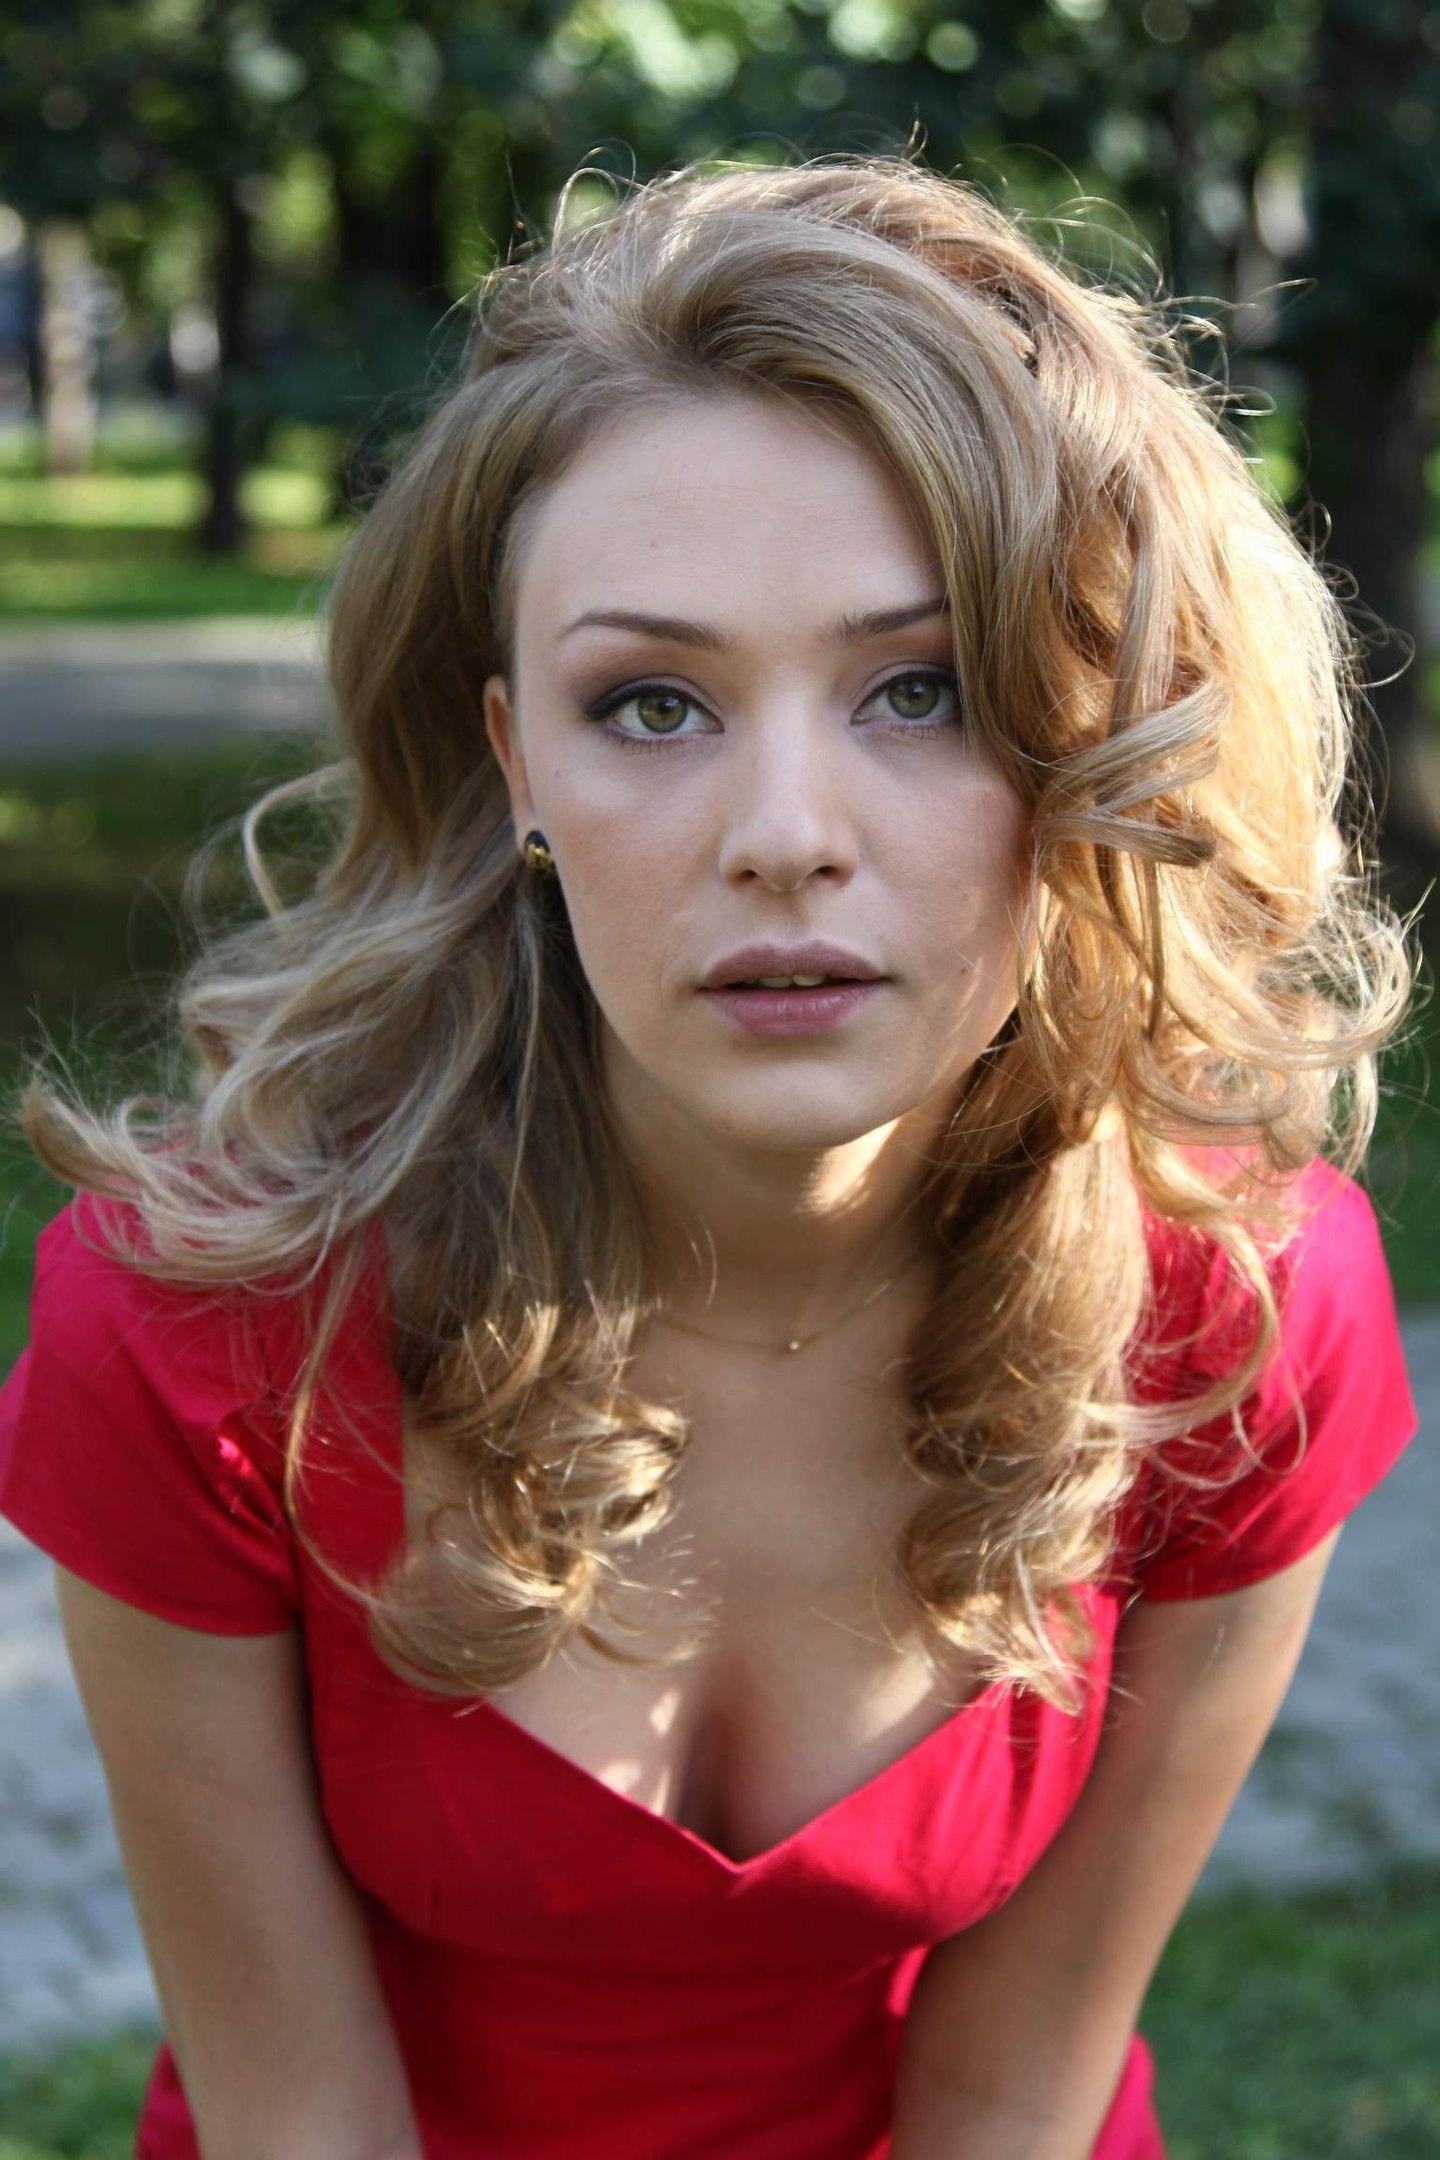 Сегодня свой день рождения отмечает Таранник Ирина Владимировна.